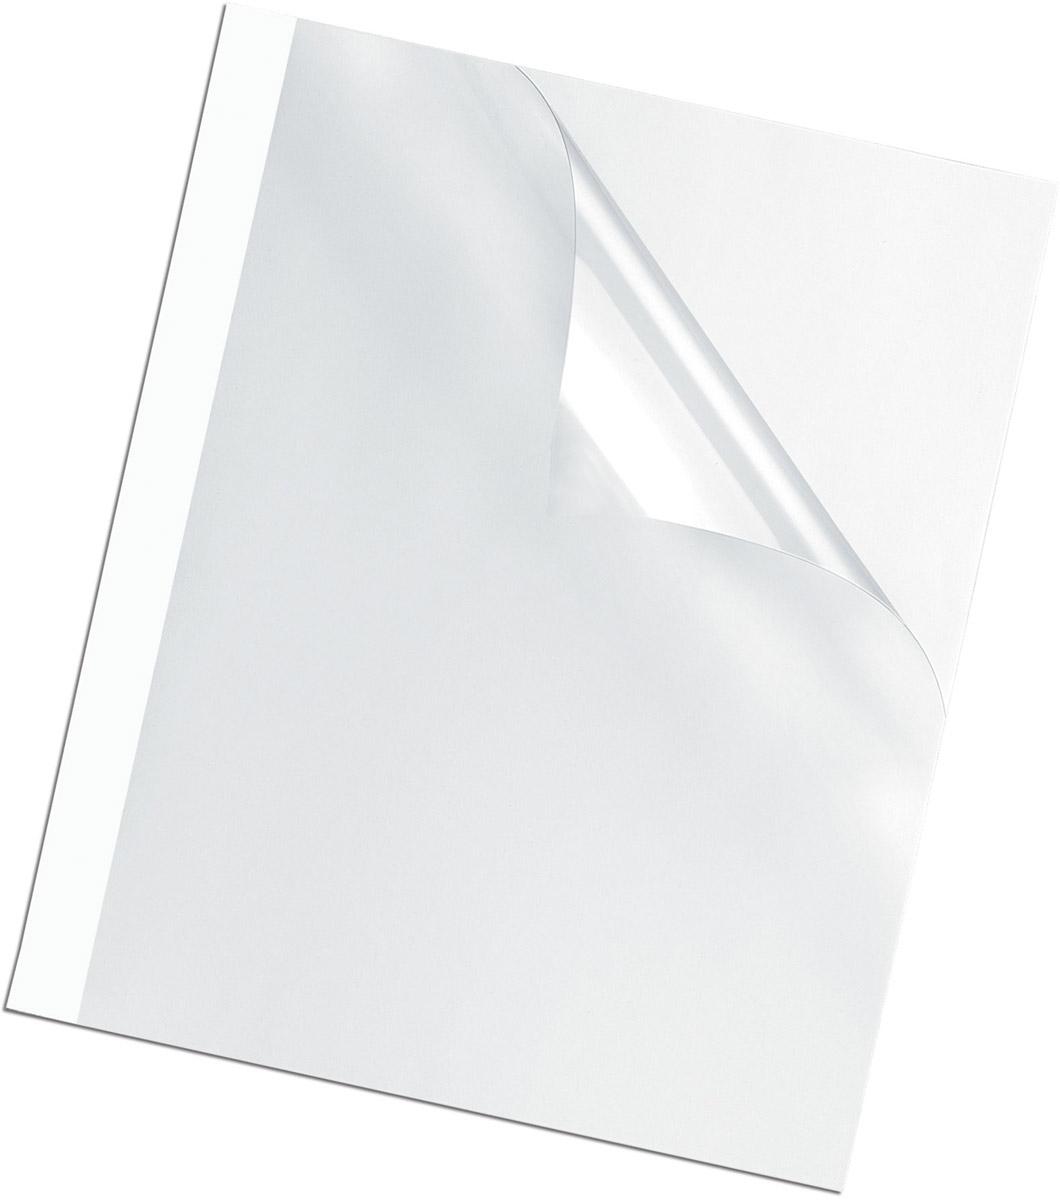 Fellowes A4 FS-53153 обложка для термопереплета, 4 мм (100 шт)FS-53153Обложка для термопереплета предназначена для оформления документов. Верх обложки – прозрачный PVC (150мкм), низ – глянцевый картон (220гр/кв.м). 100шт. в розничной упаковке.